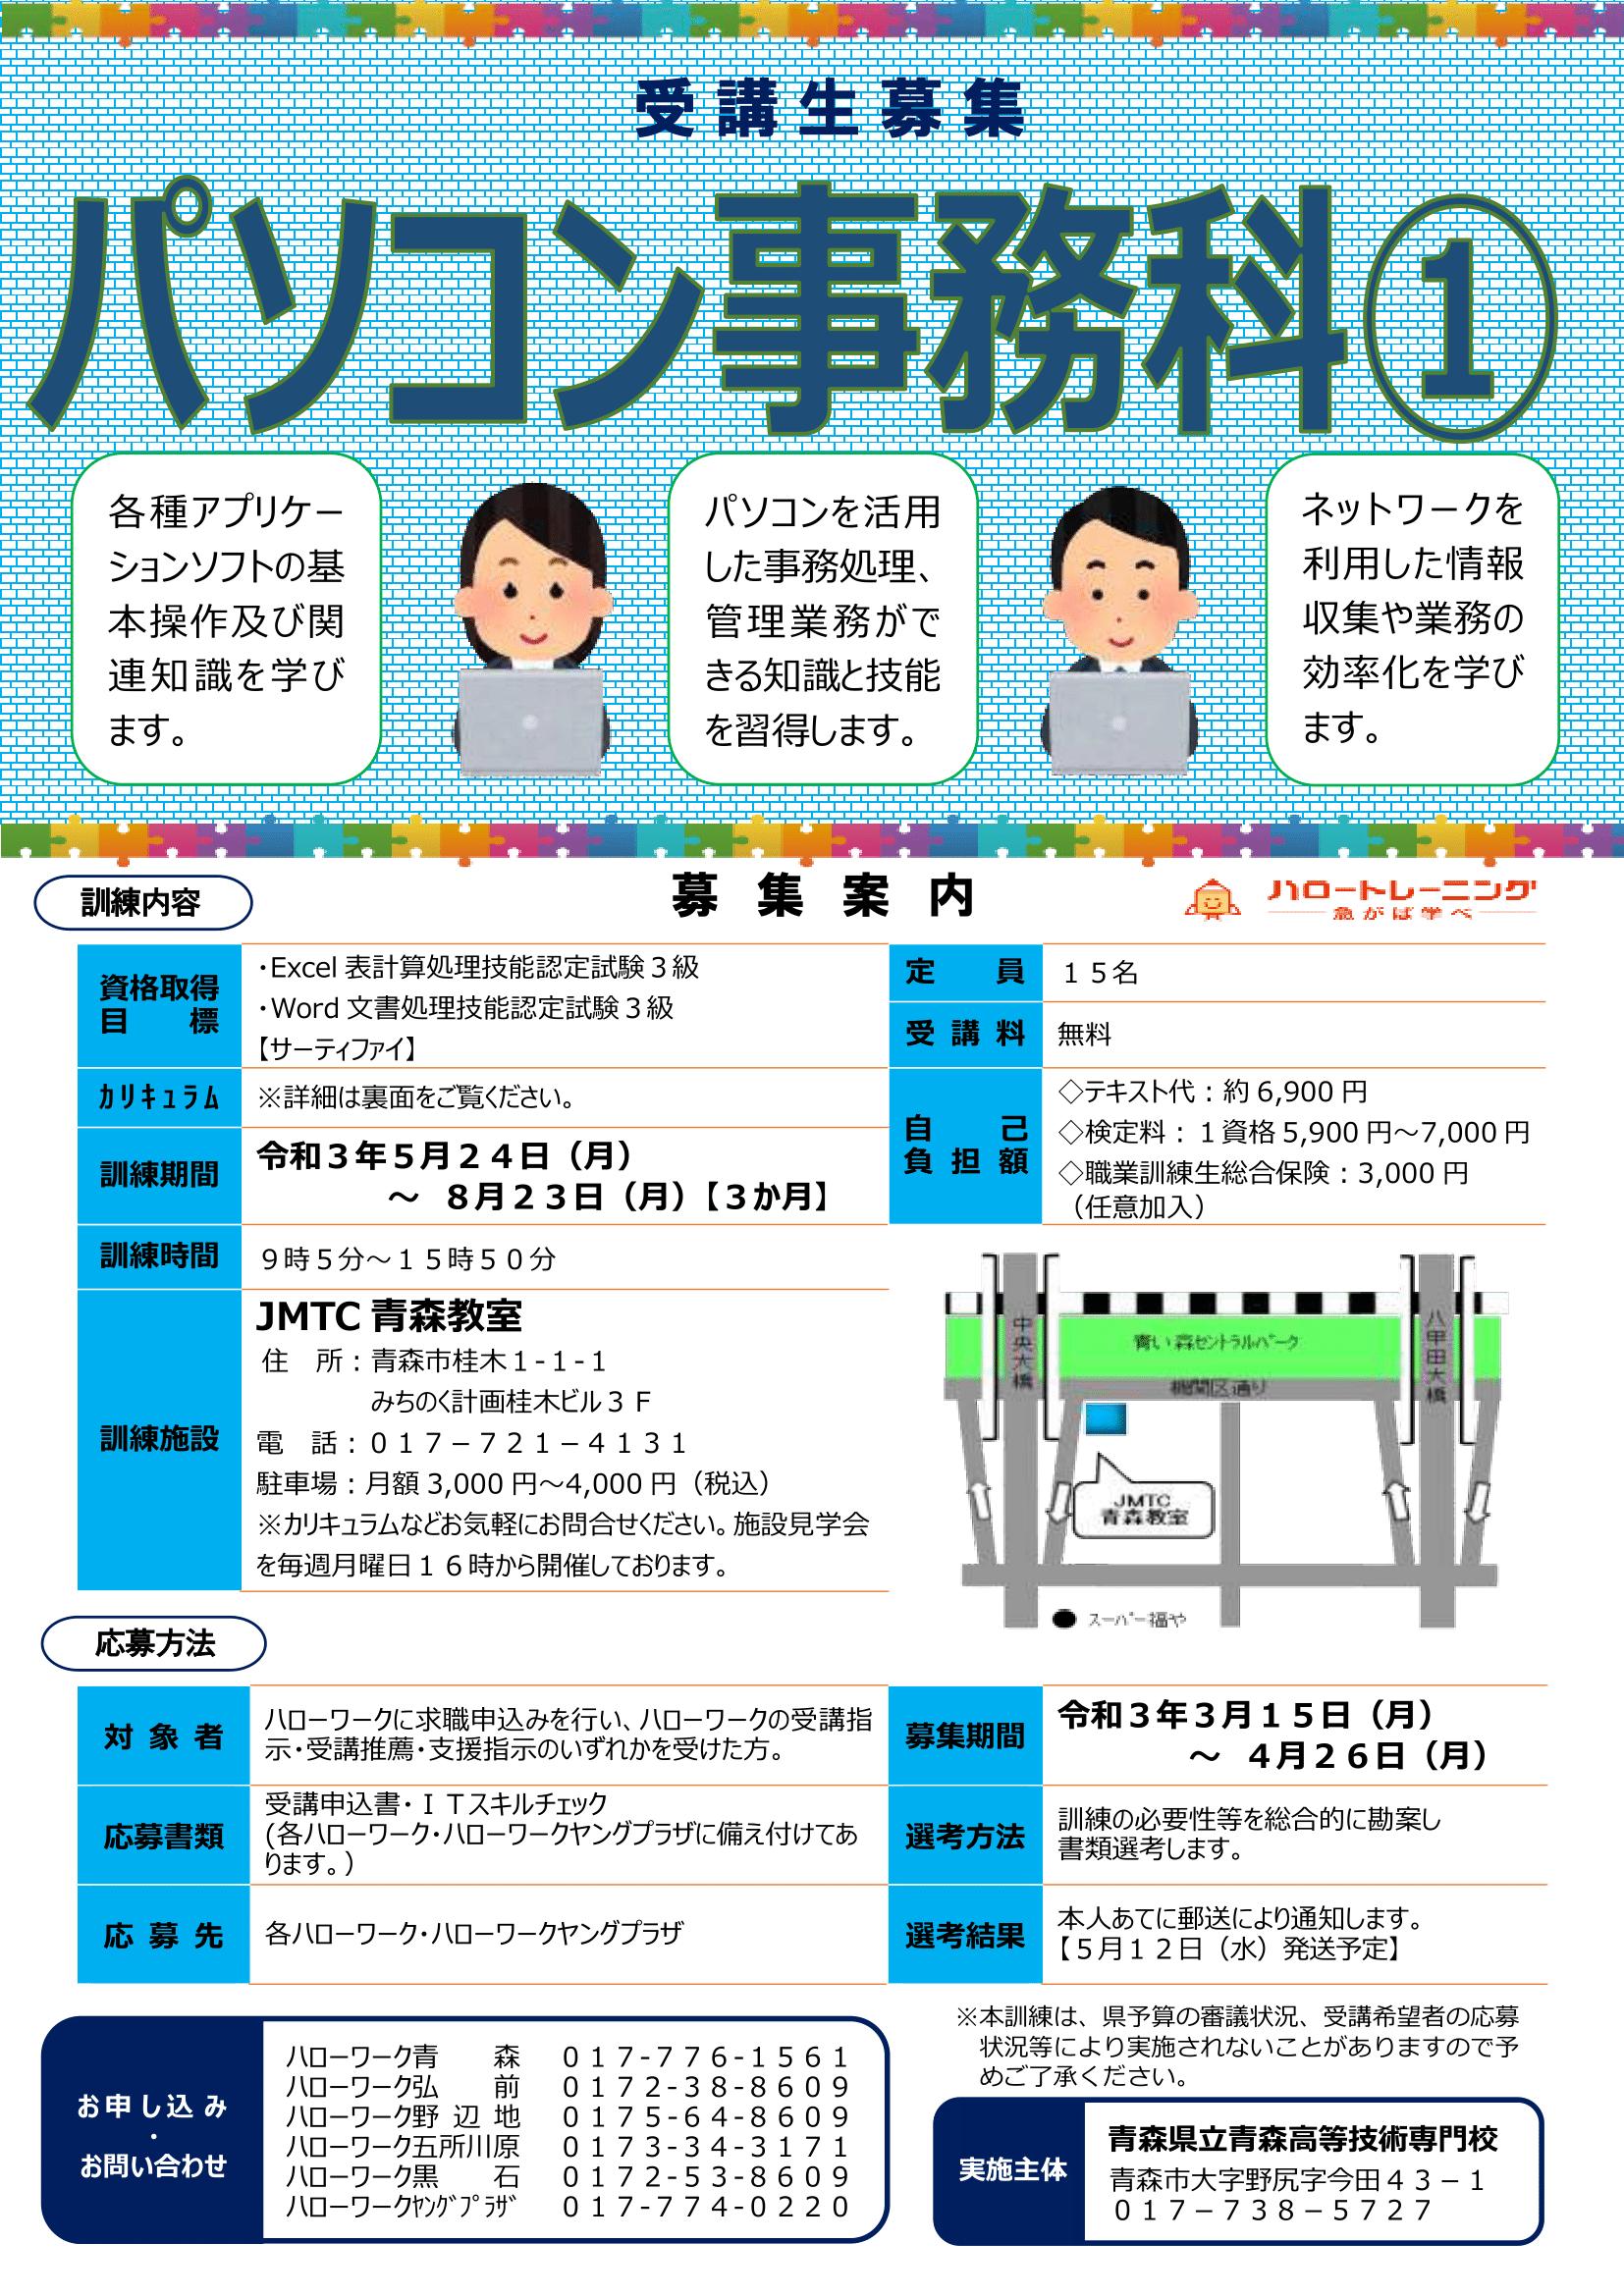 JMTC_パソコン事務科②チラシ